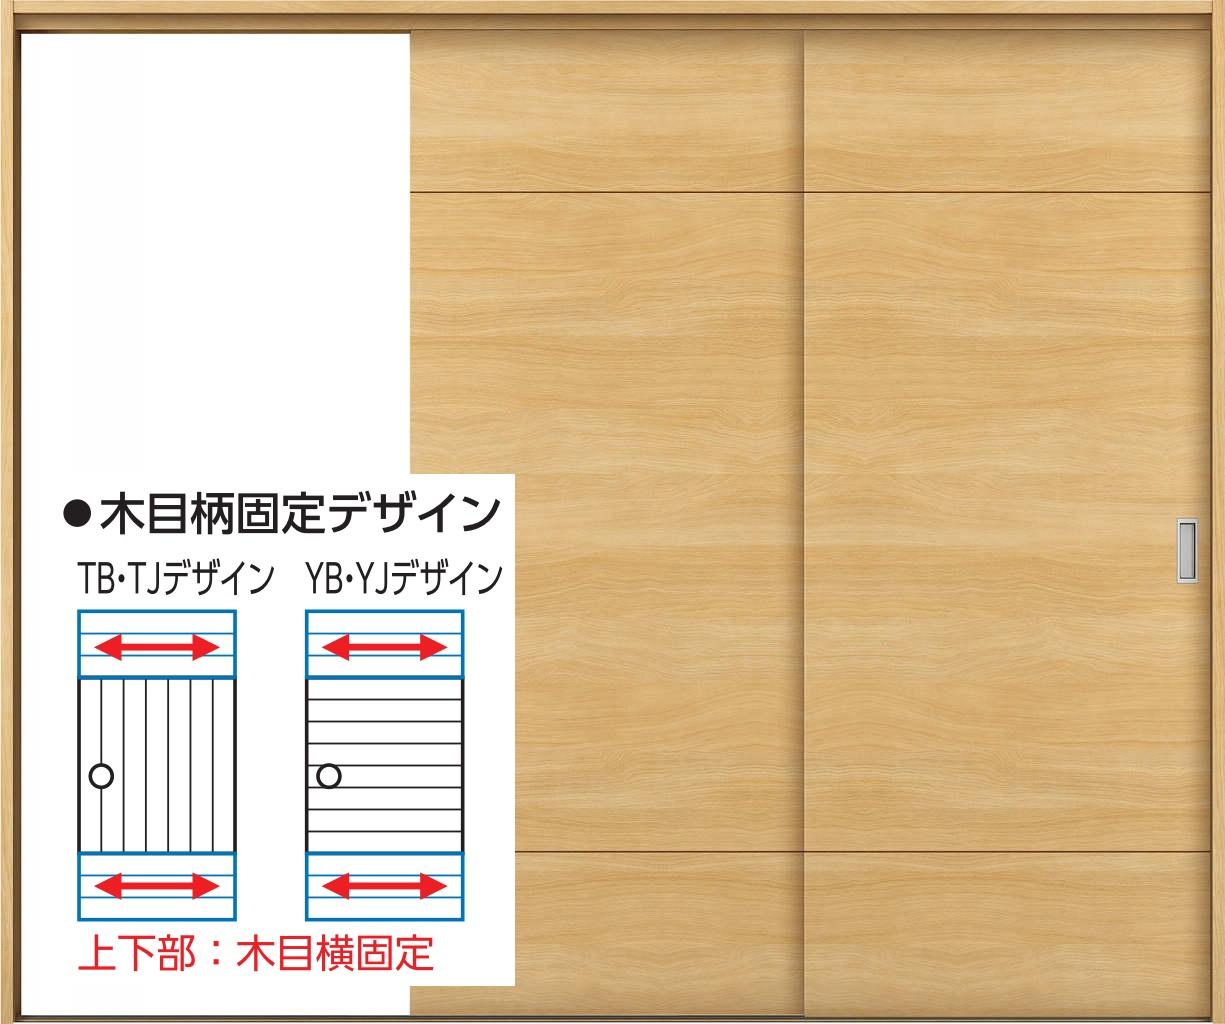 [幅730mm×高770mm] [複層防音ガラス] [透明5mm+透明3mm] : 6寸勾配 YKKAP窓サッシ フレミングJ 台形FIX窓 装飾窓